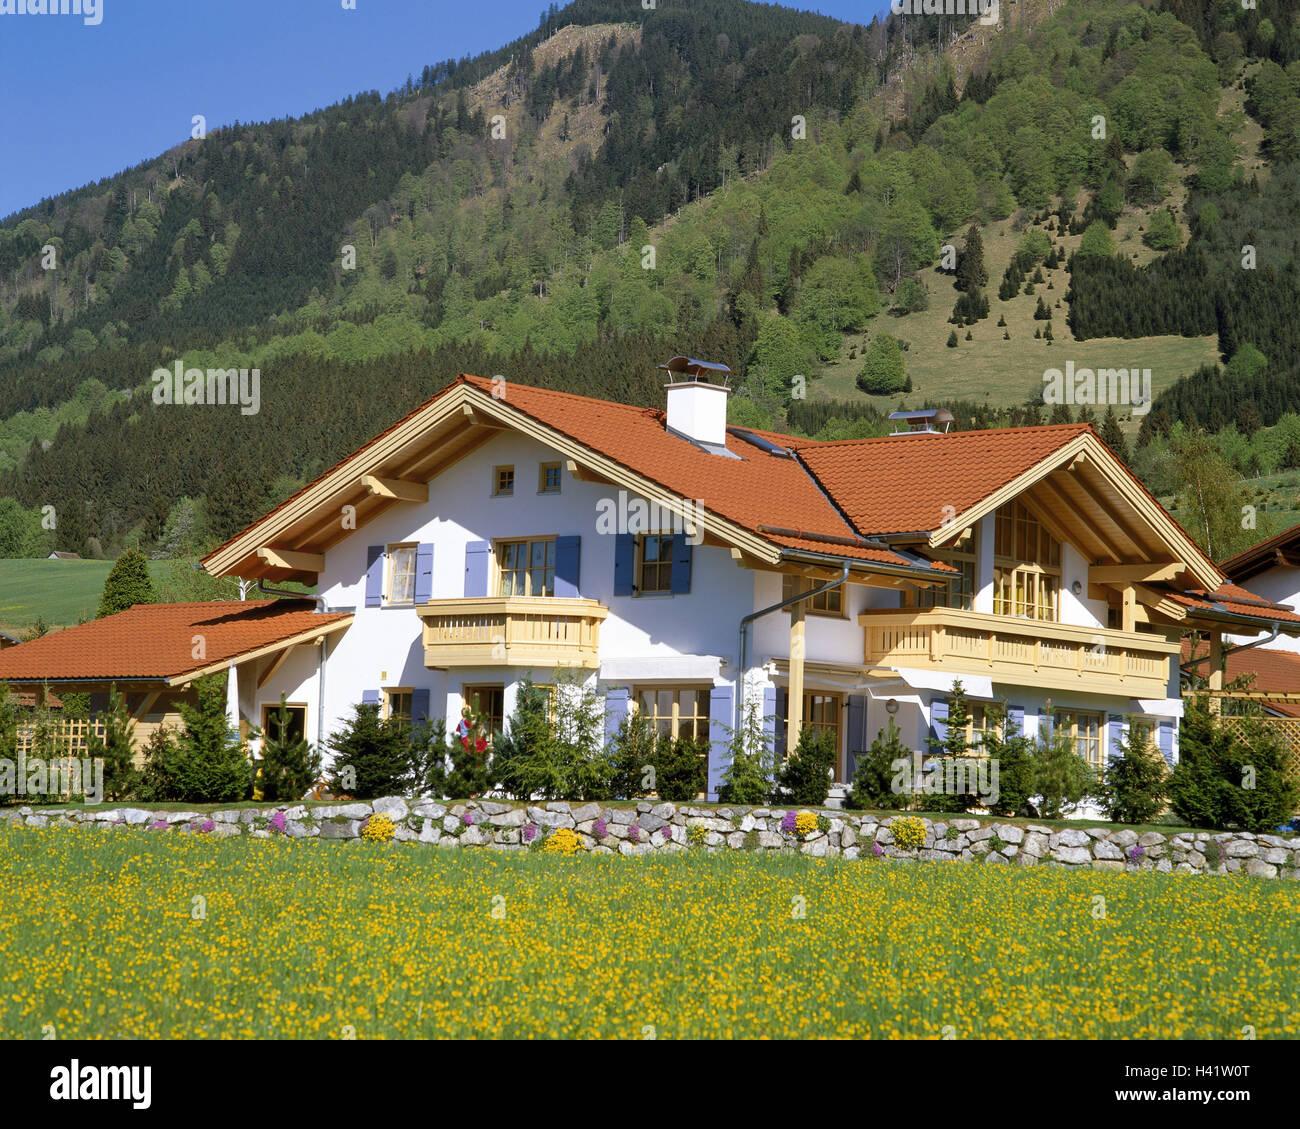 deutschland allg u nahe f ssen wohnhaus garten europa bayern haus baustil architektur. Black Bedroom Furniture Sets. Home Design Ideas